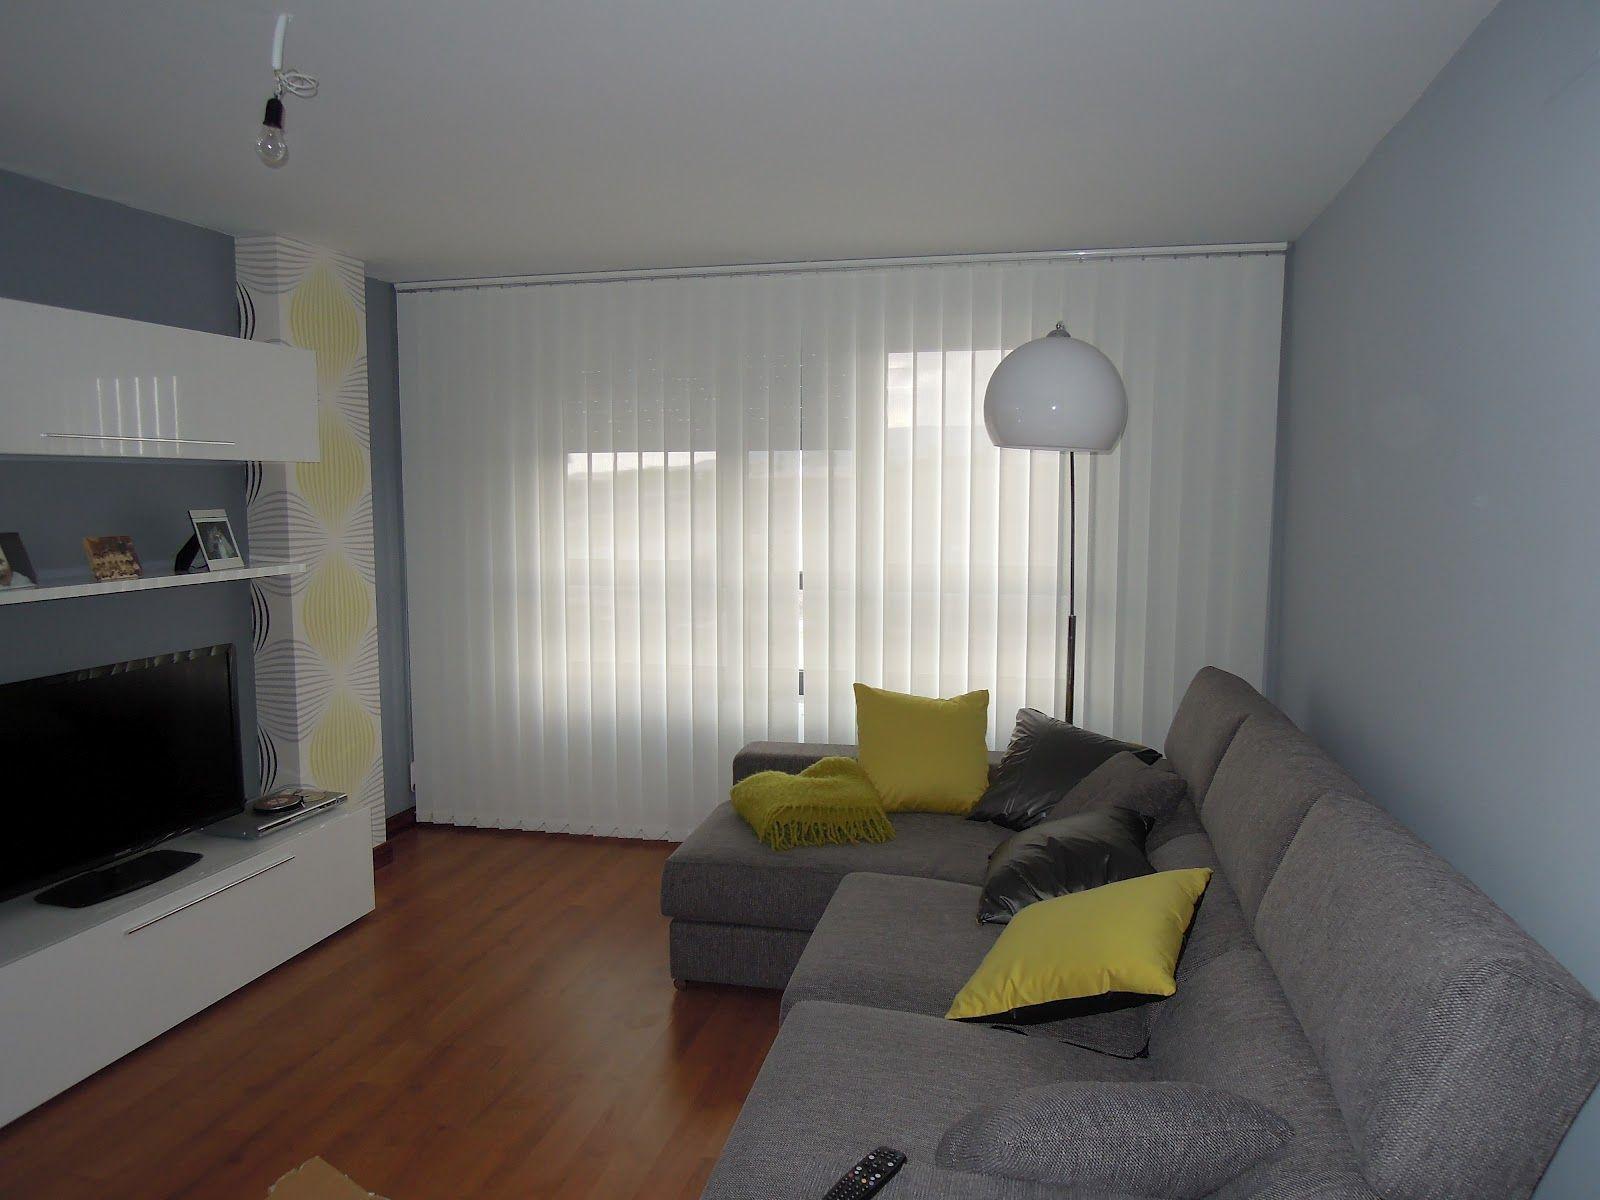 Cortinas verticales blancas cortinas verticales - Cortinas para salon estilo moderno ...